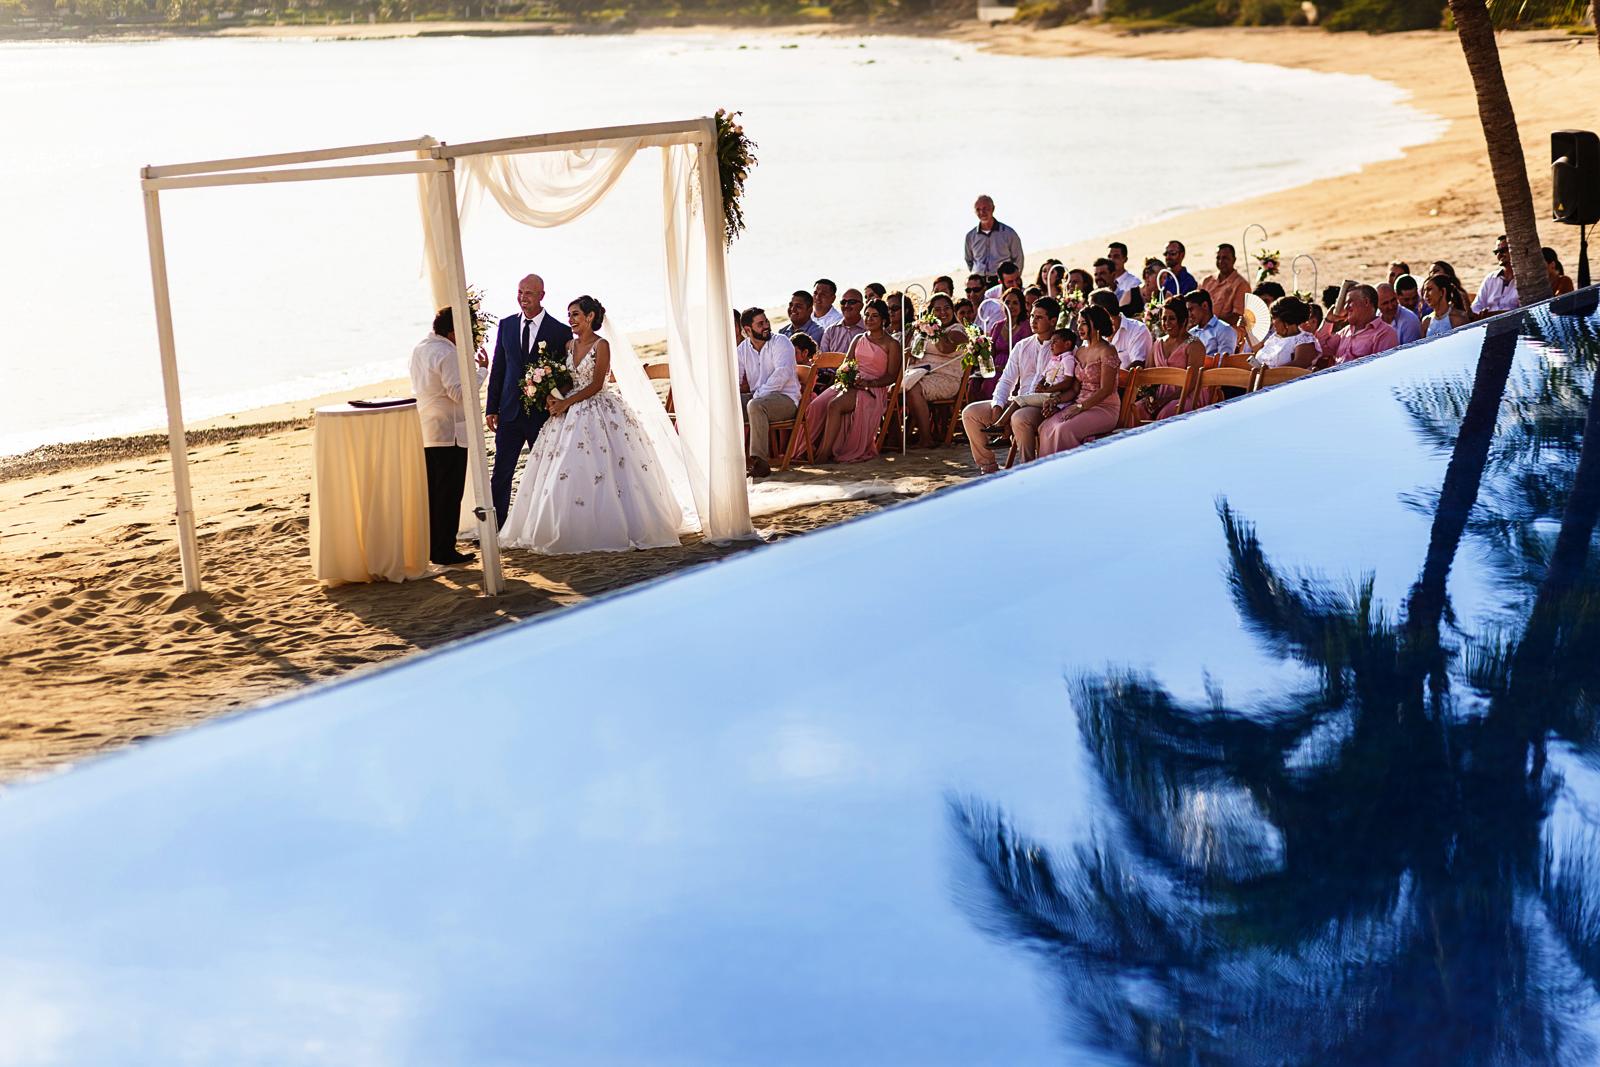 Ceremonia de boda en la playa al atardecer en el pacifico mexicano